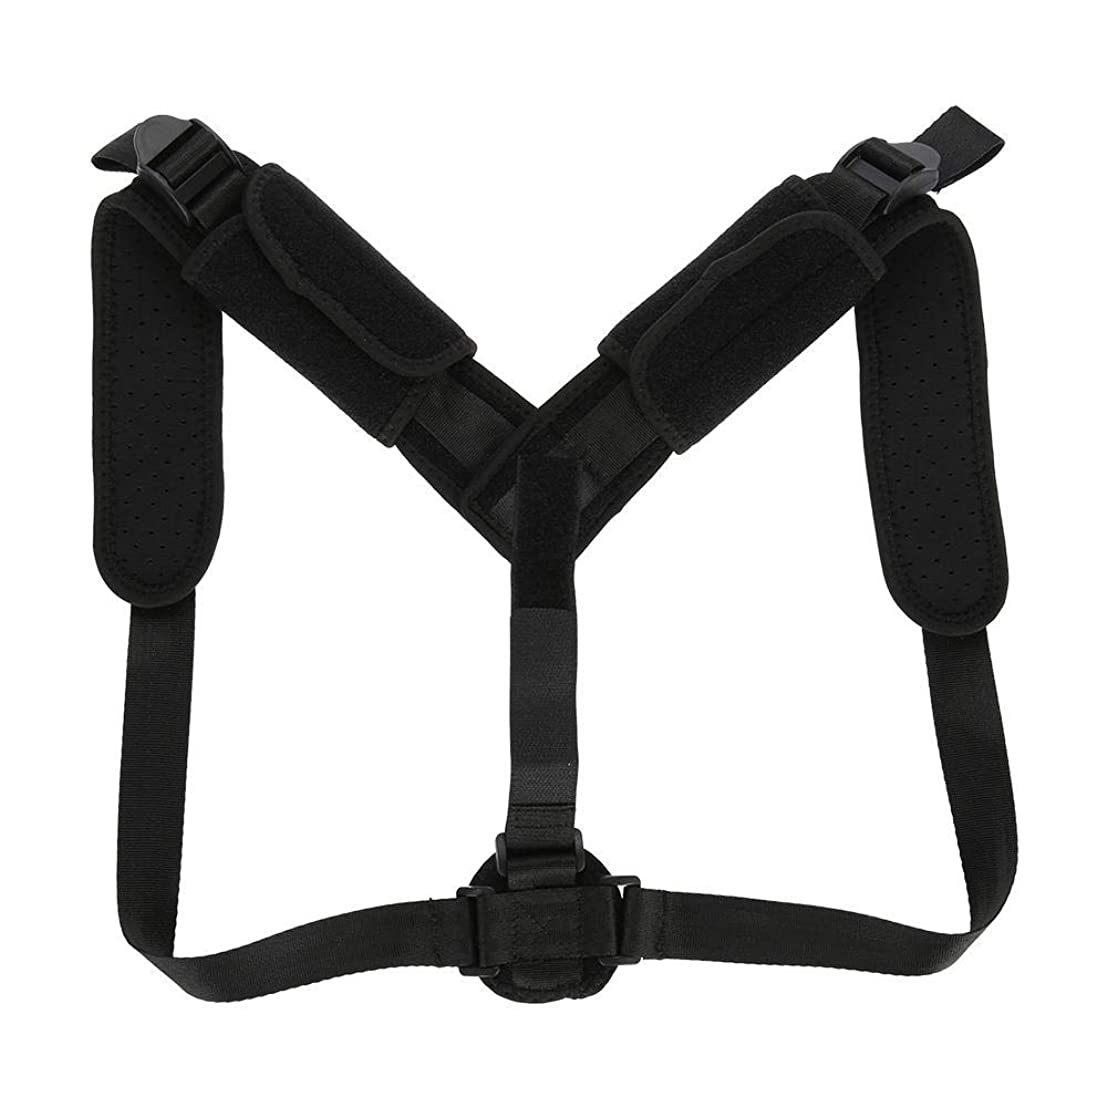 エレクトロニックずっと残り物アッパーバックブレース、調節可能なバックポスチャーコレクターショルダーブレース脊柱後Ky症補正腰部サポートベルトにより脊椎の健康を改善